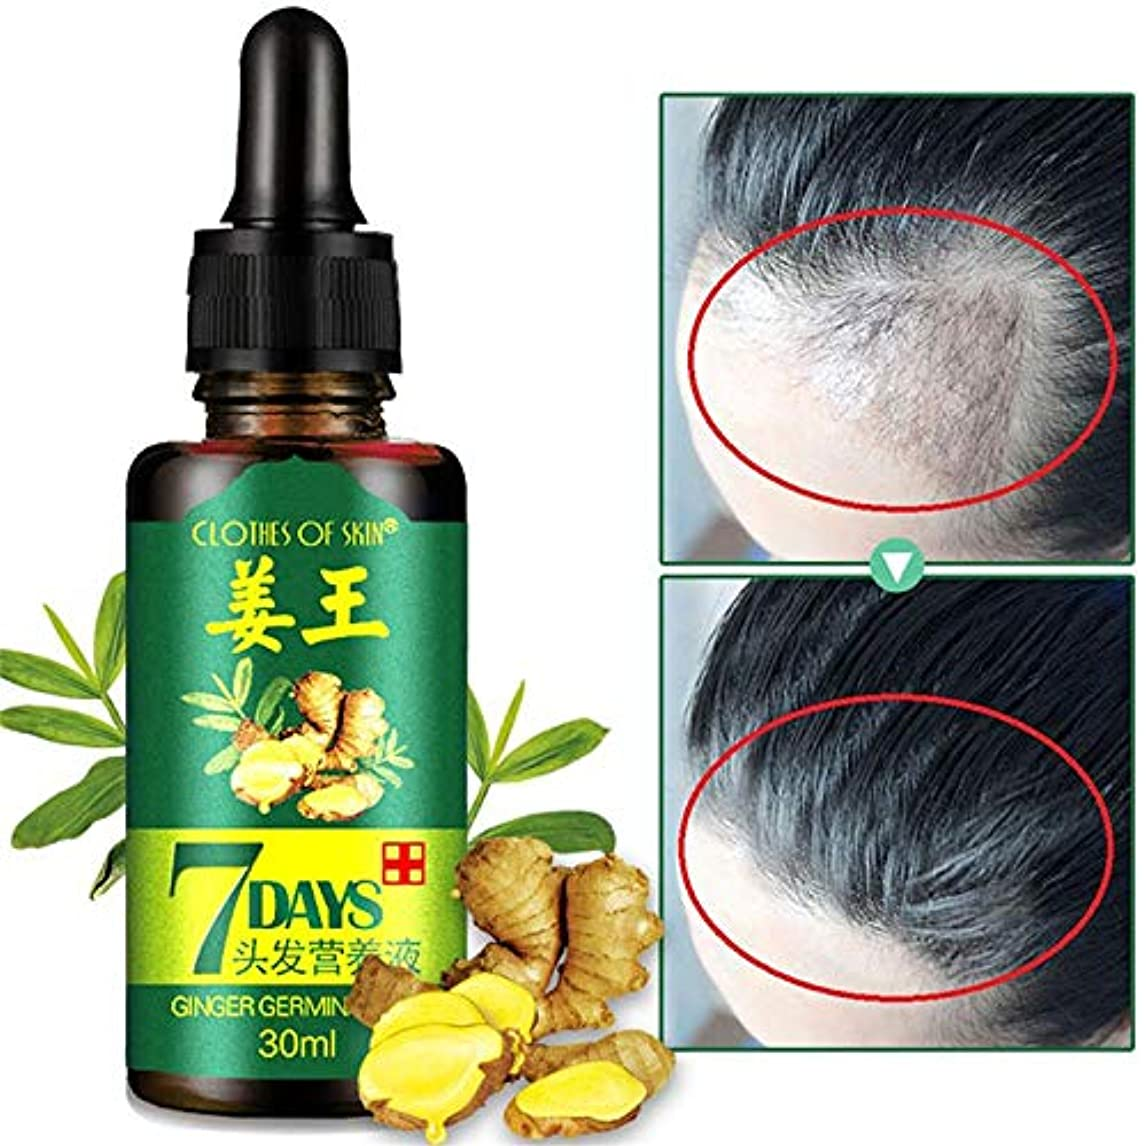 感嘆スペインホールドFBYED 30ml 漢方薬 フォーミュラ 育毛液 江王 髪の毛 栄養ソリューション ソリッドヘア 髪の成長 スピリット用品 アンチオフ